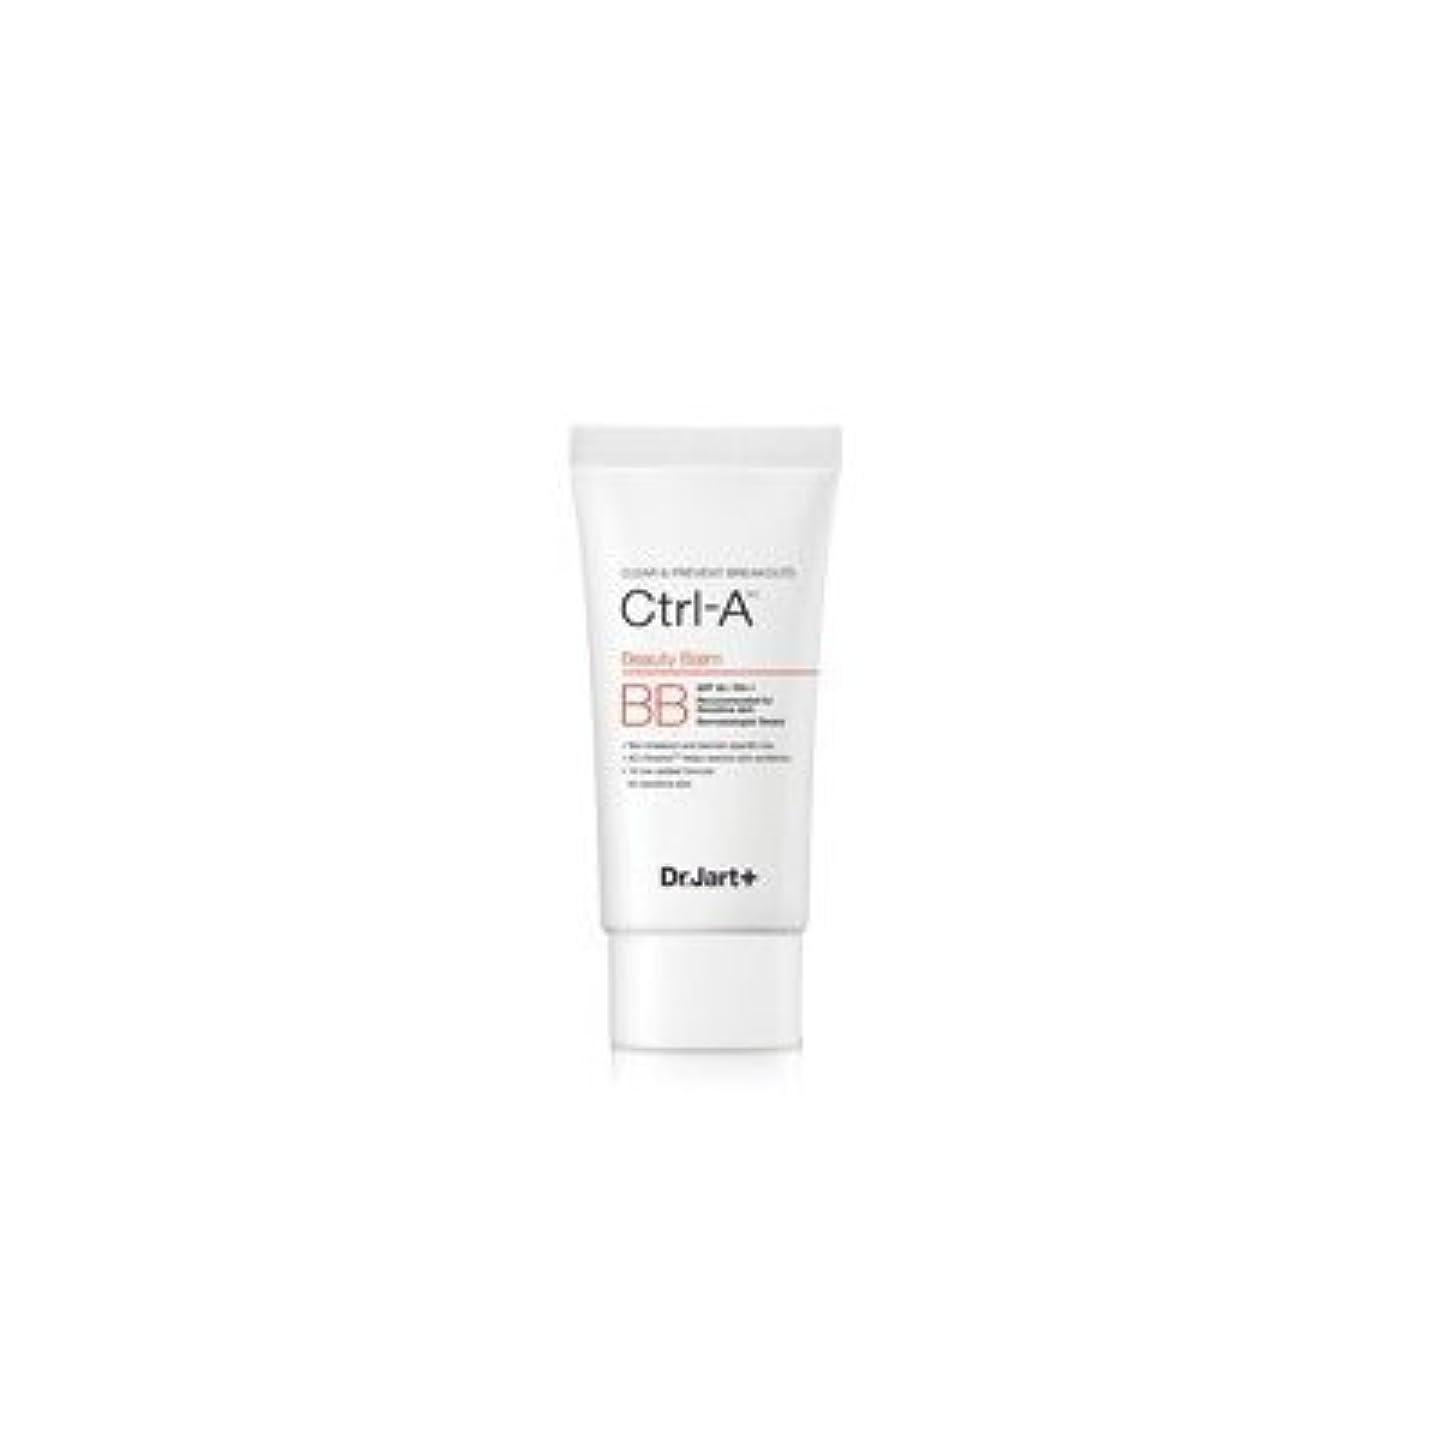 オーバードロー予定健康KOREAN COSMETICS, Dr.jart + _Ctrl-A Beauty Balm 40ml (Mild BB cream for sensitive skin, UV protection SPF30/PA...